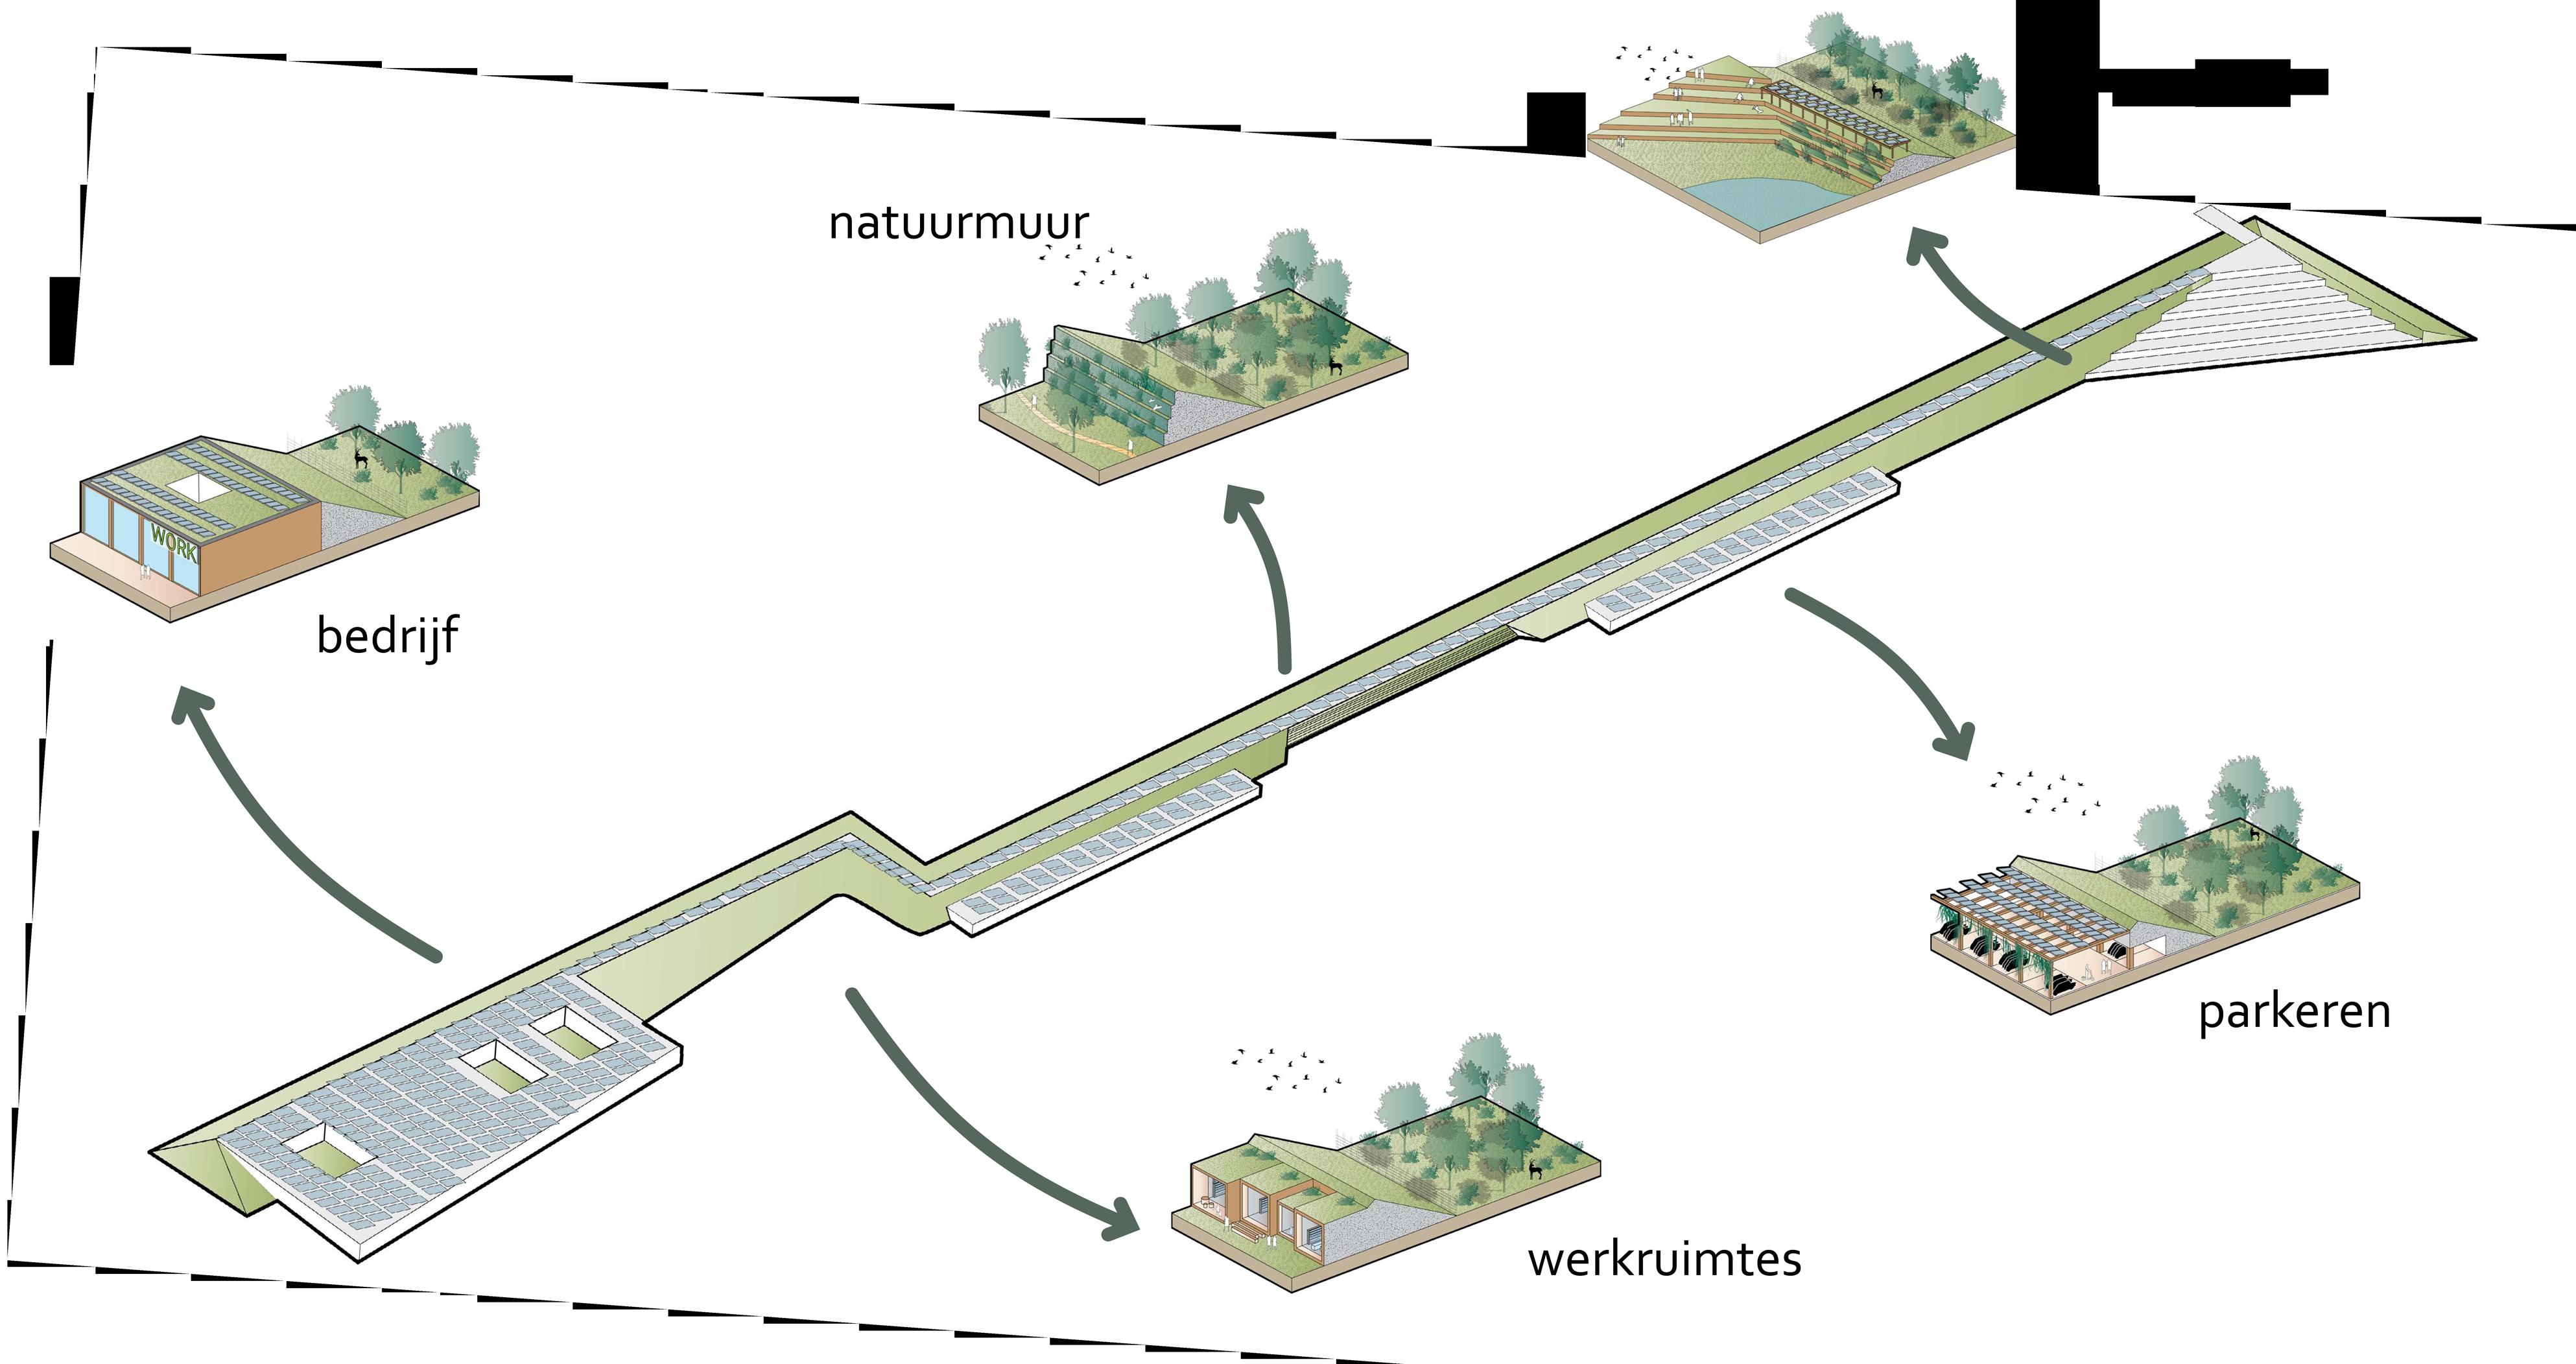 Crailo_Bussum_Hilversum_Laren_stedenbouwkundig_plan_Masterplan_ecowal